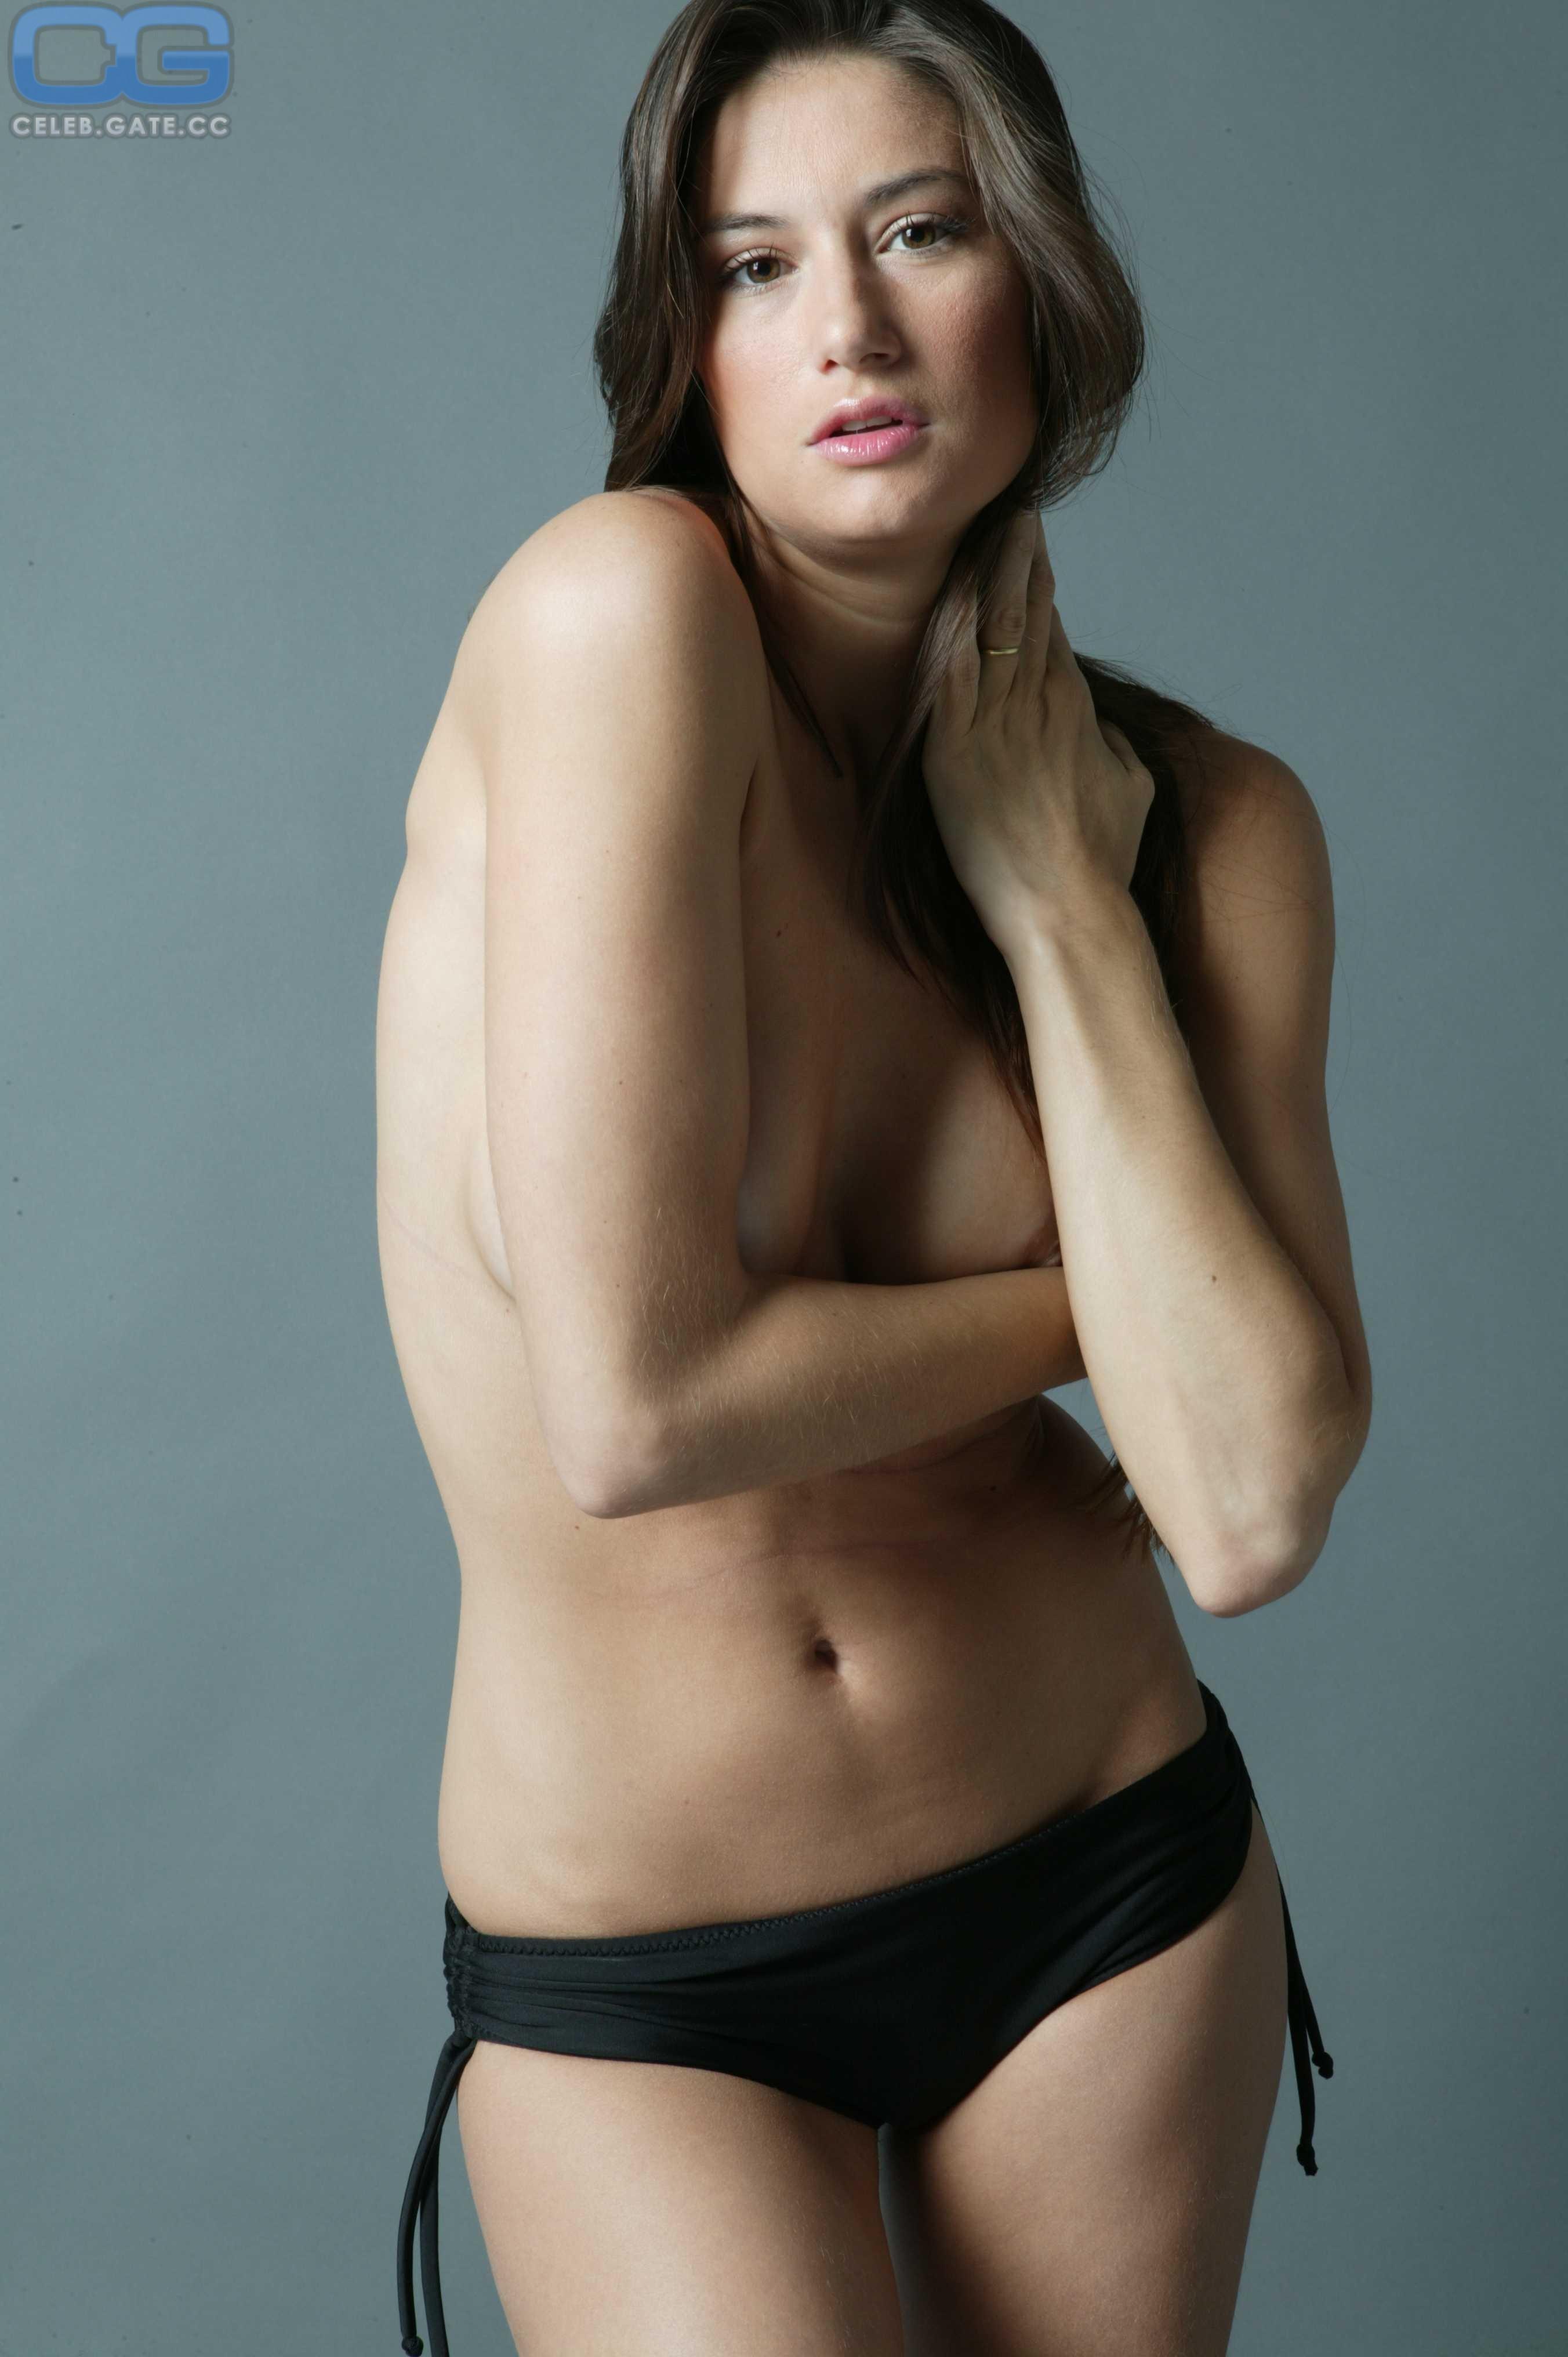 Nackt Michelle Veintimilla  Michelle Veintimilla